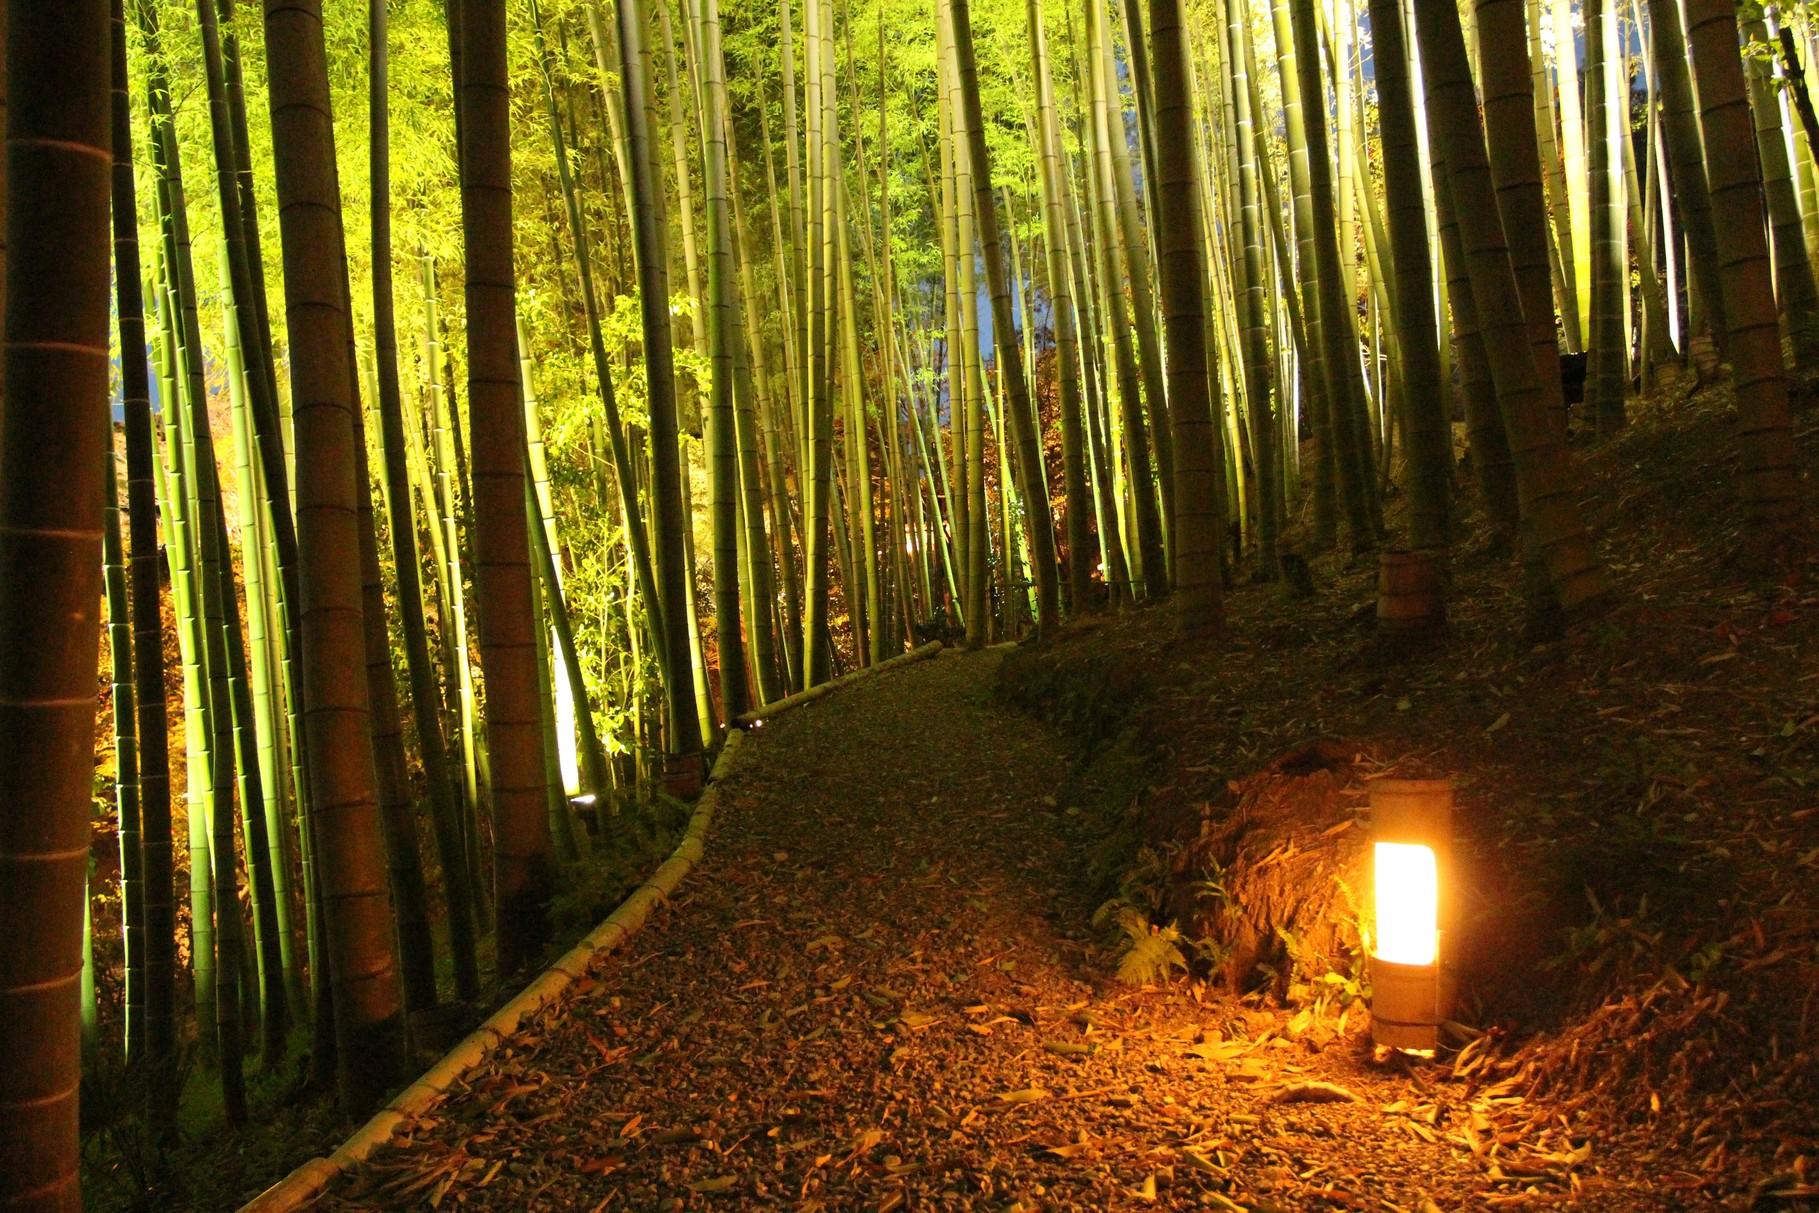 京都市 Kyōto, Kōdaiji